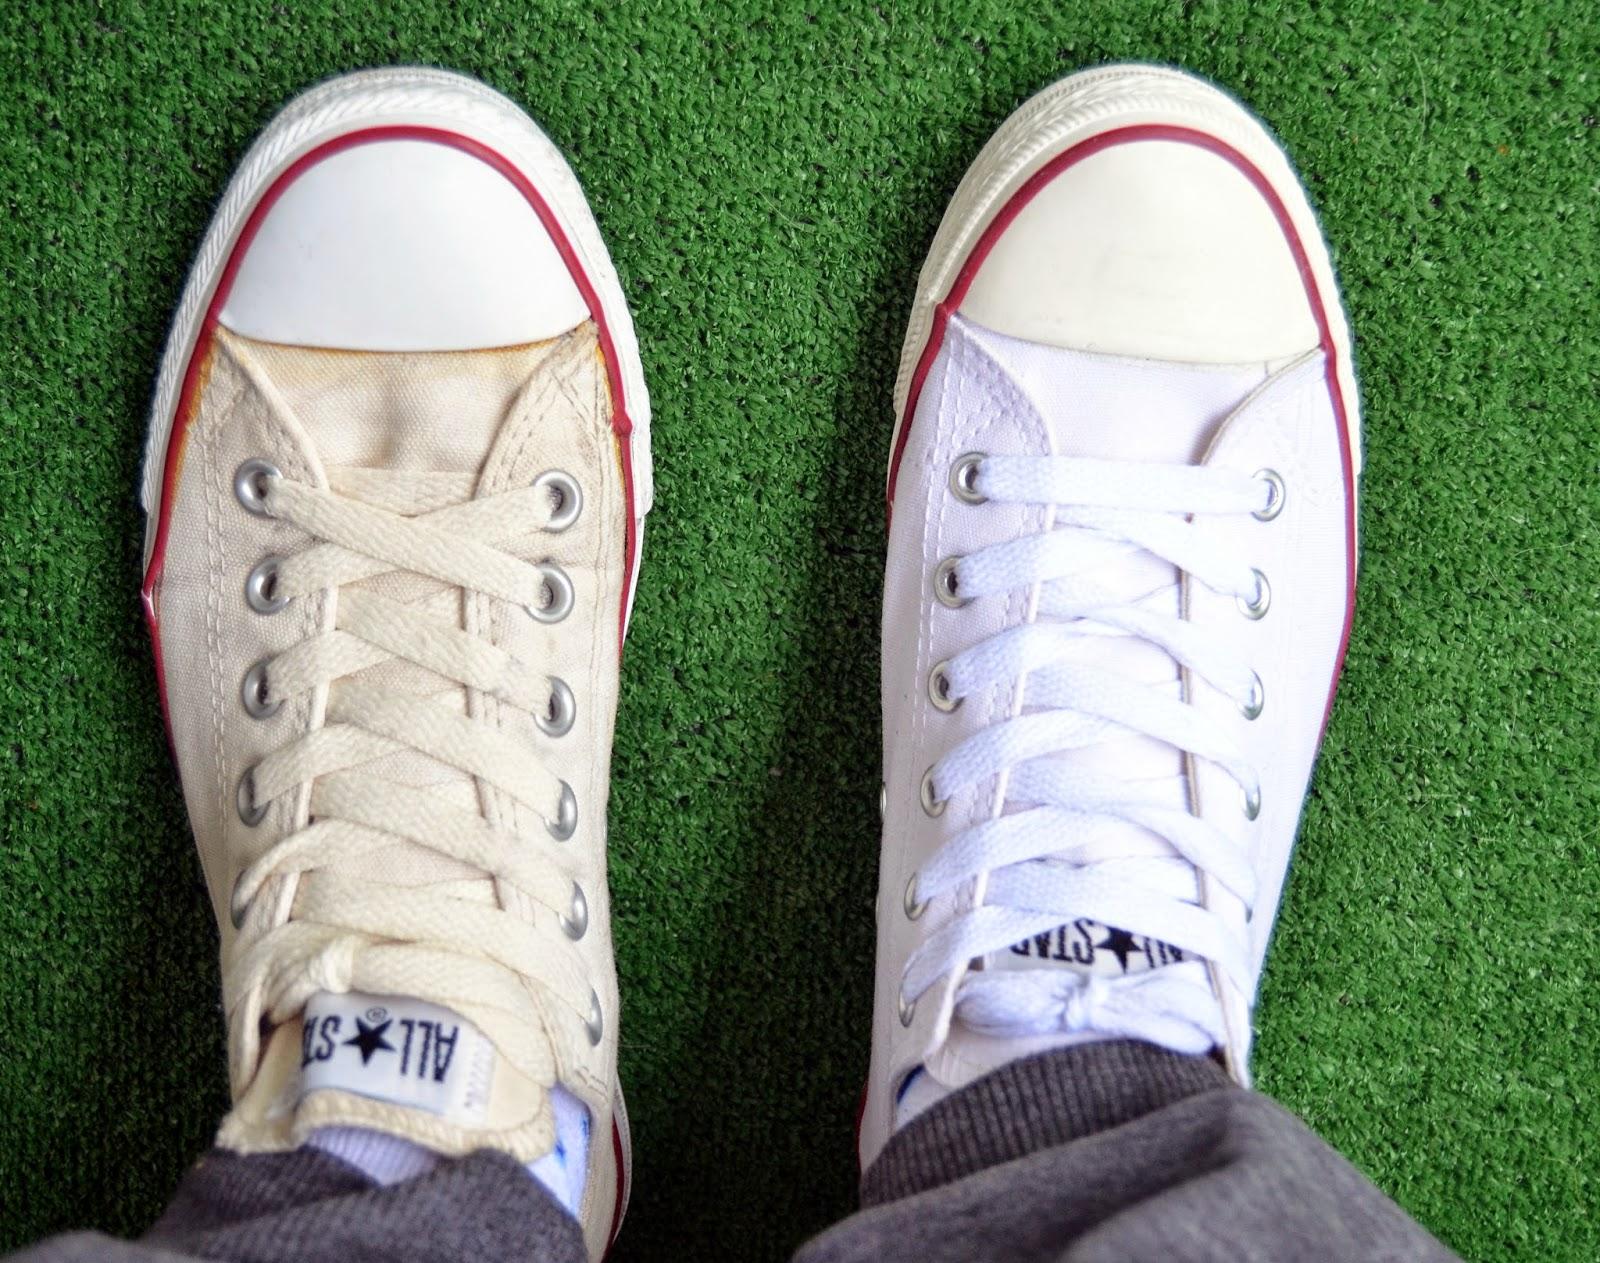 78655167fbae7 Mam nadzieję, że teraz nie będziecie się wahać, czy Wasze Converse są  oryginalne.